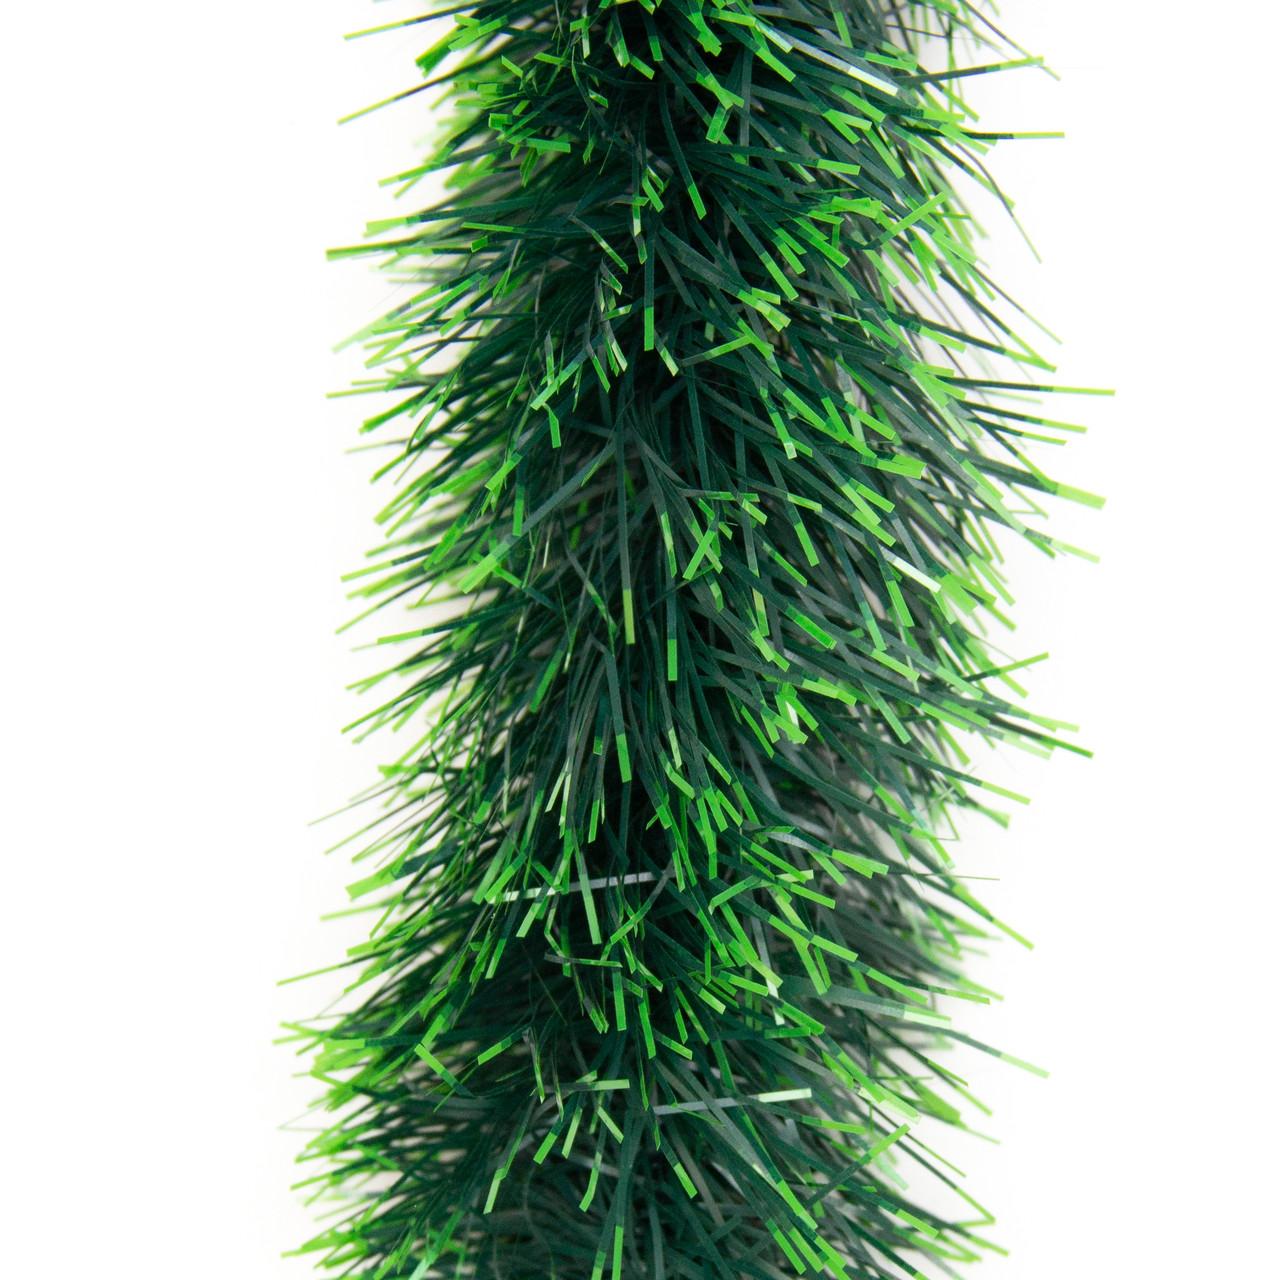 Новогоднее украшение - мишура, 200*7 см, ПВХ, зелено-салатовый (ГК-70/2-5)